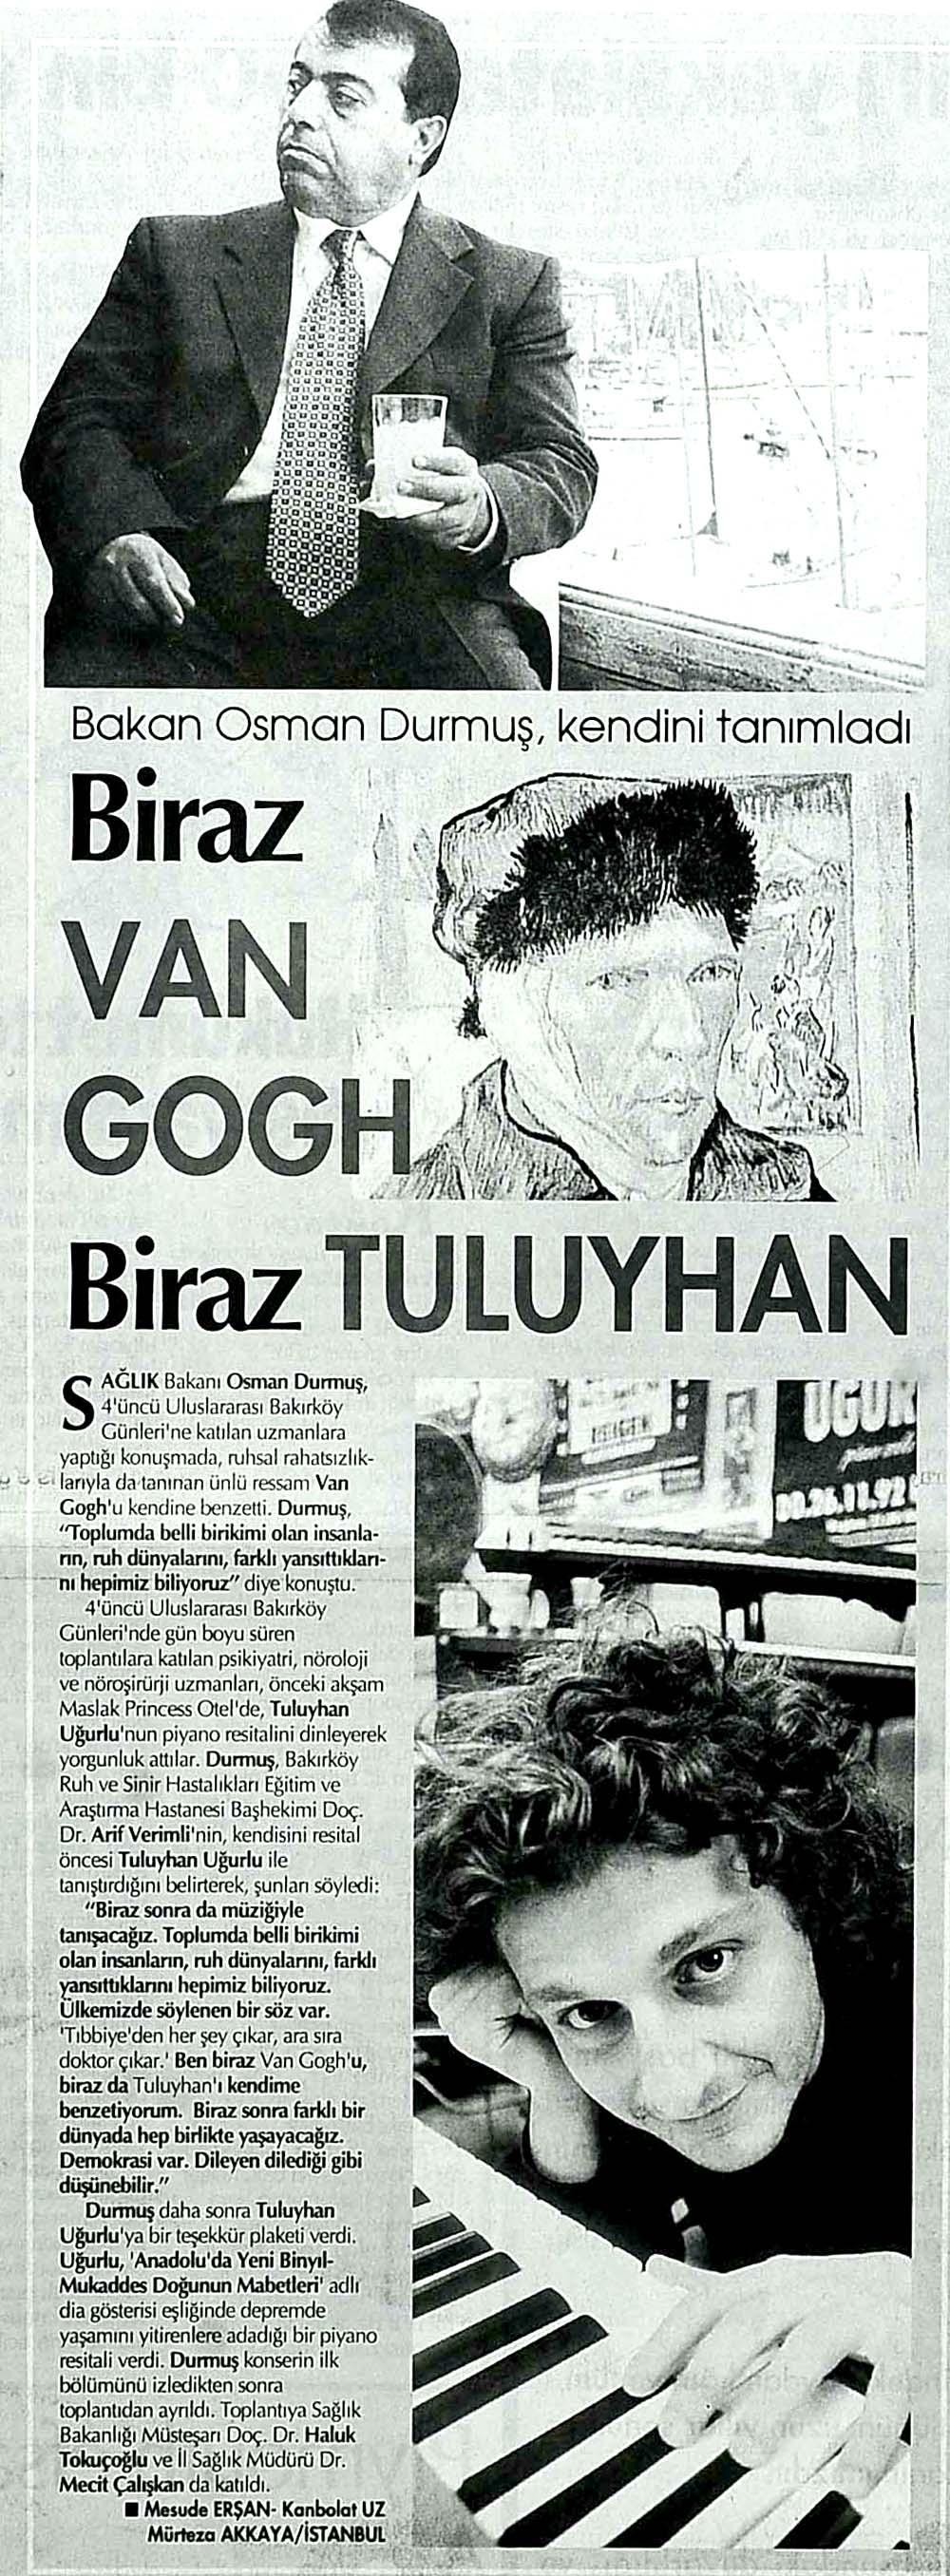 Biraz Van Gogh Biraz Tuluyhan